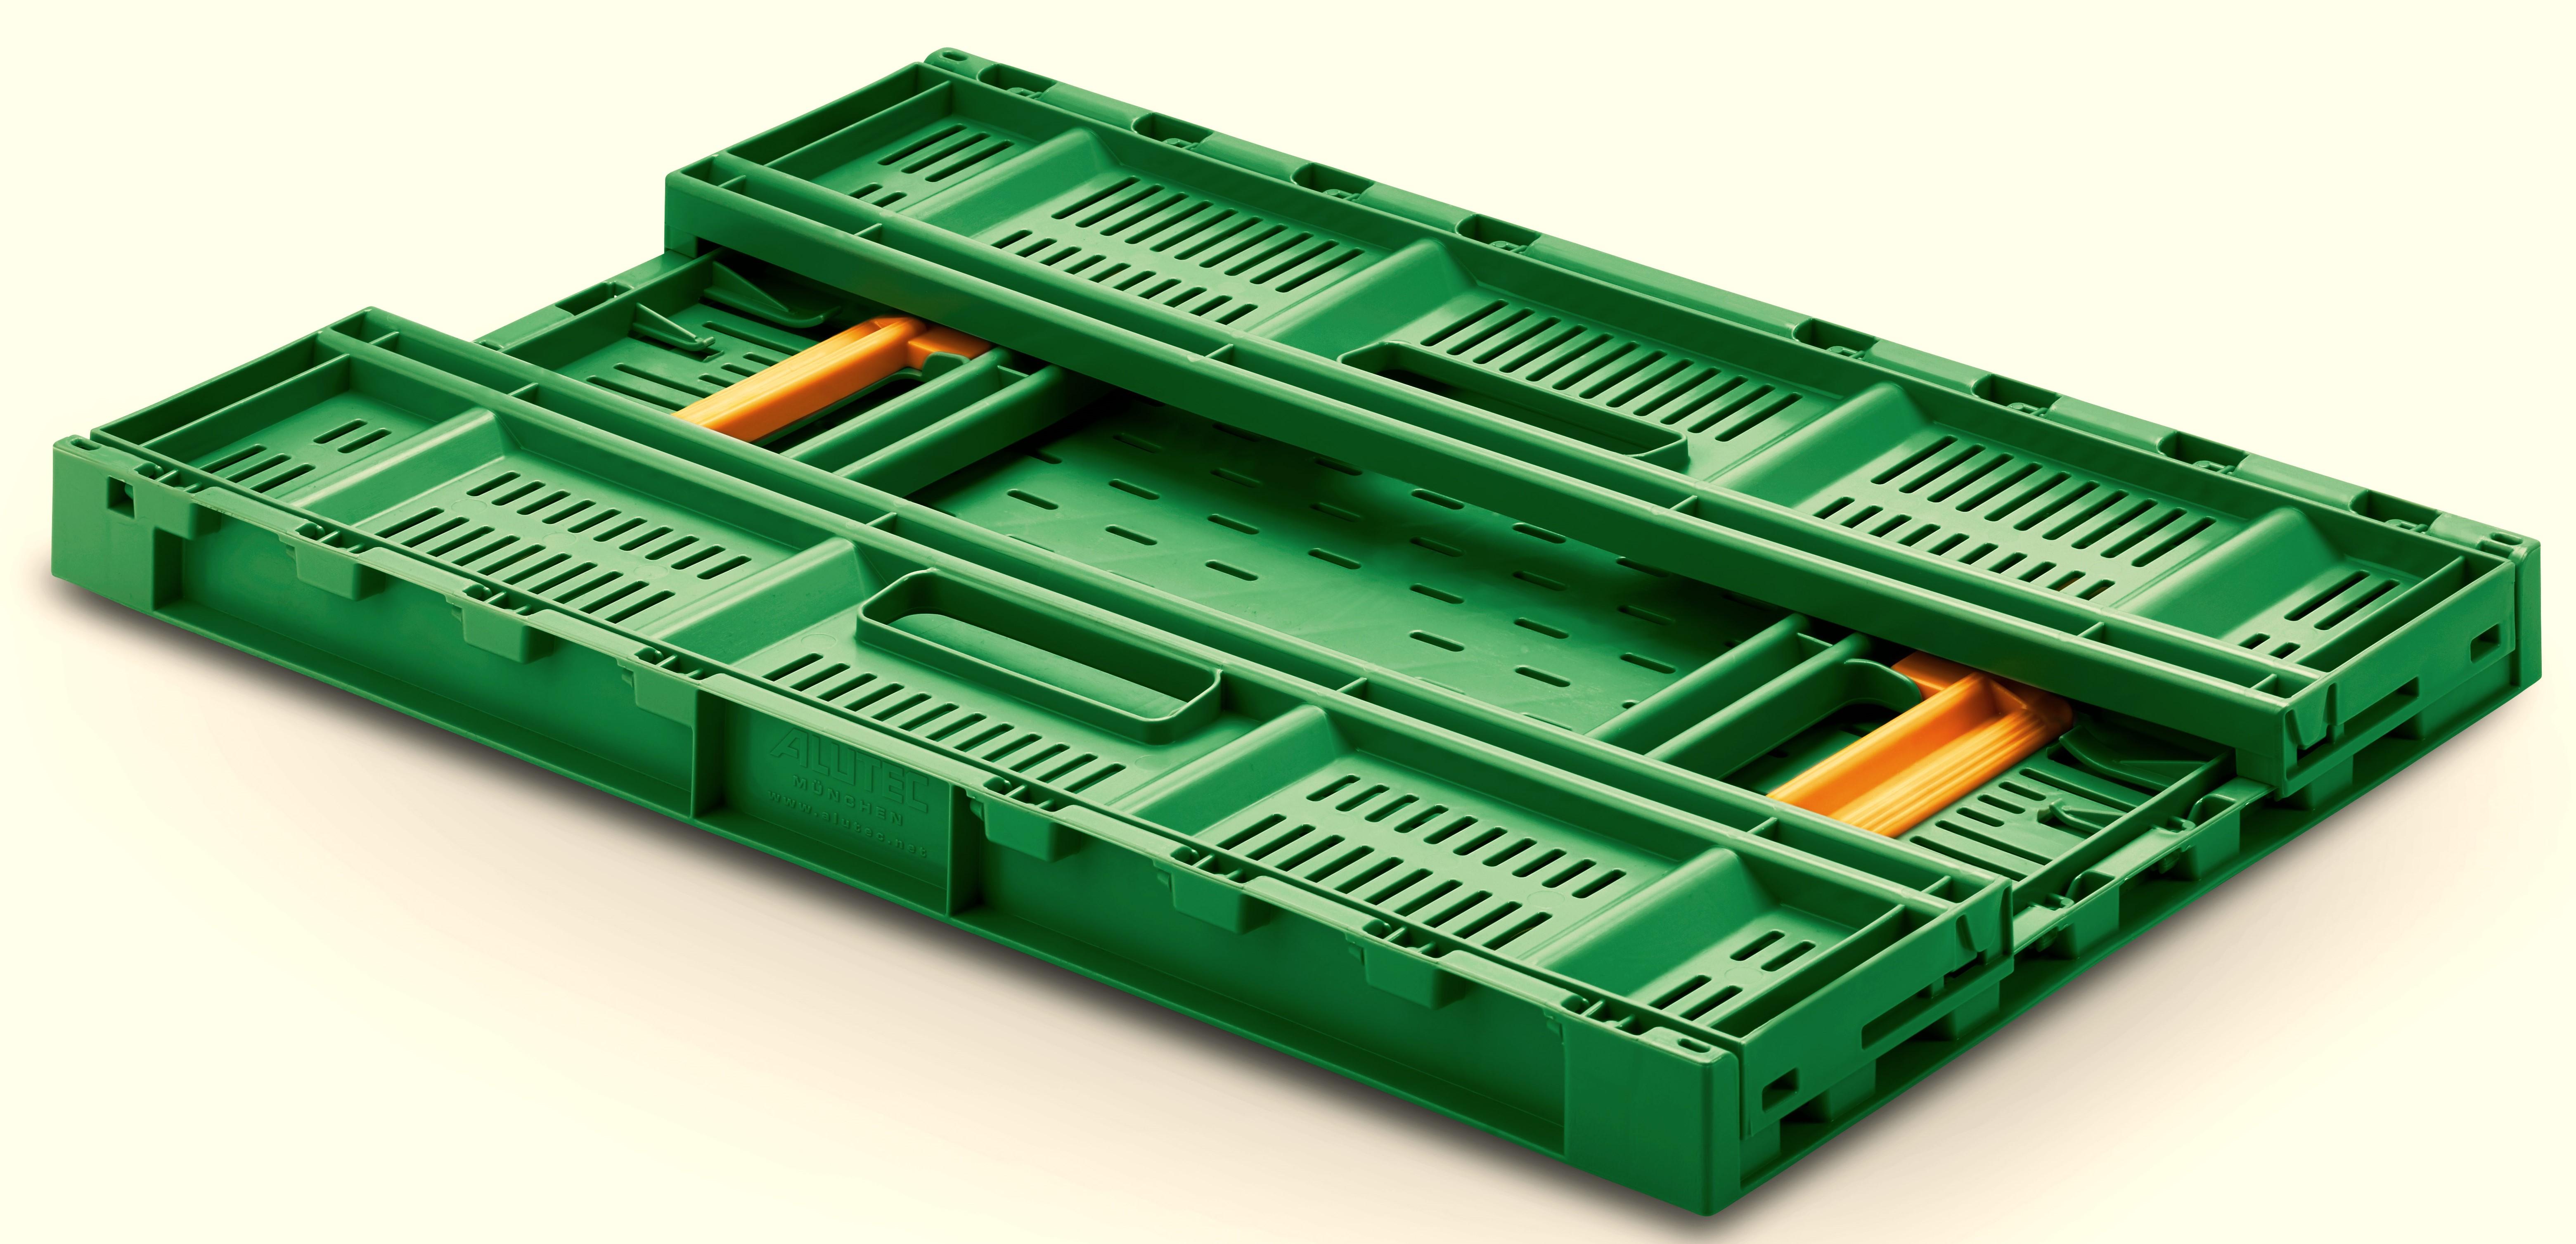 Taitettavalaatikko 60 x 40 x 12 cm